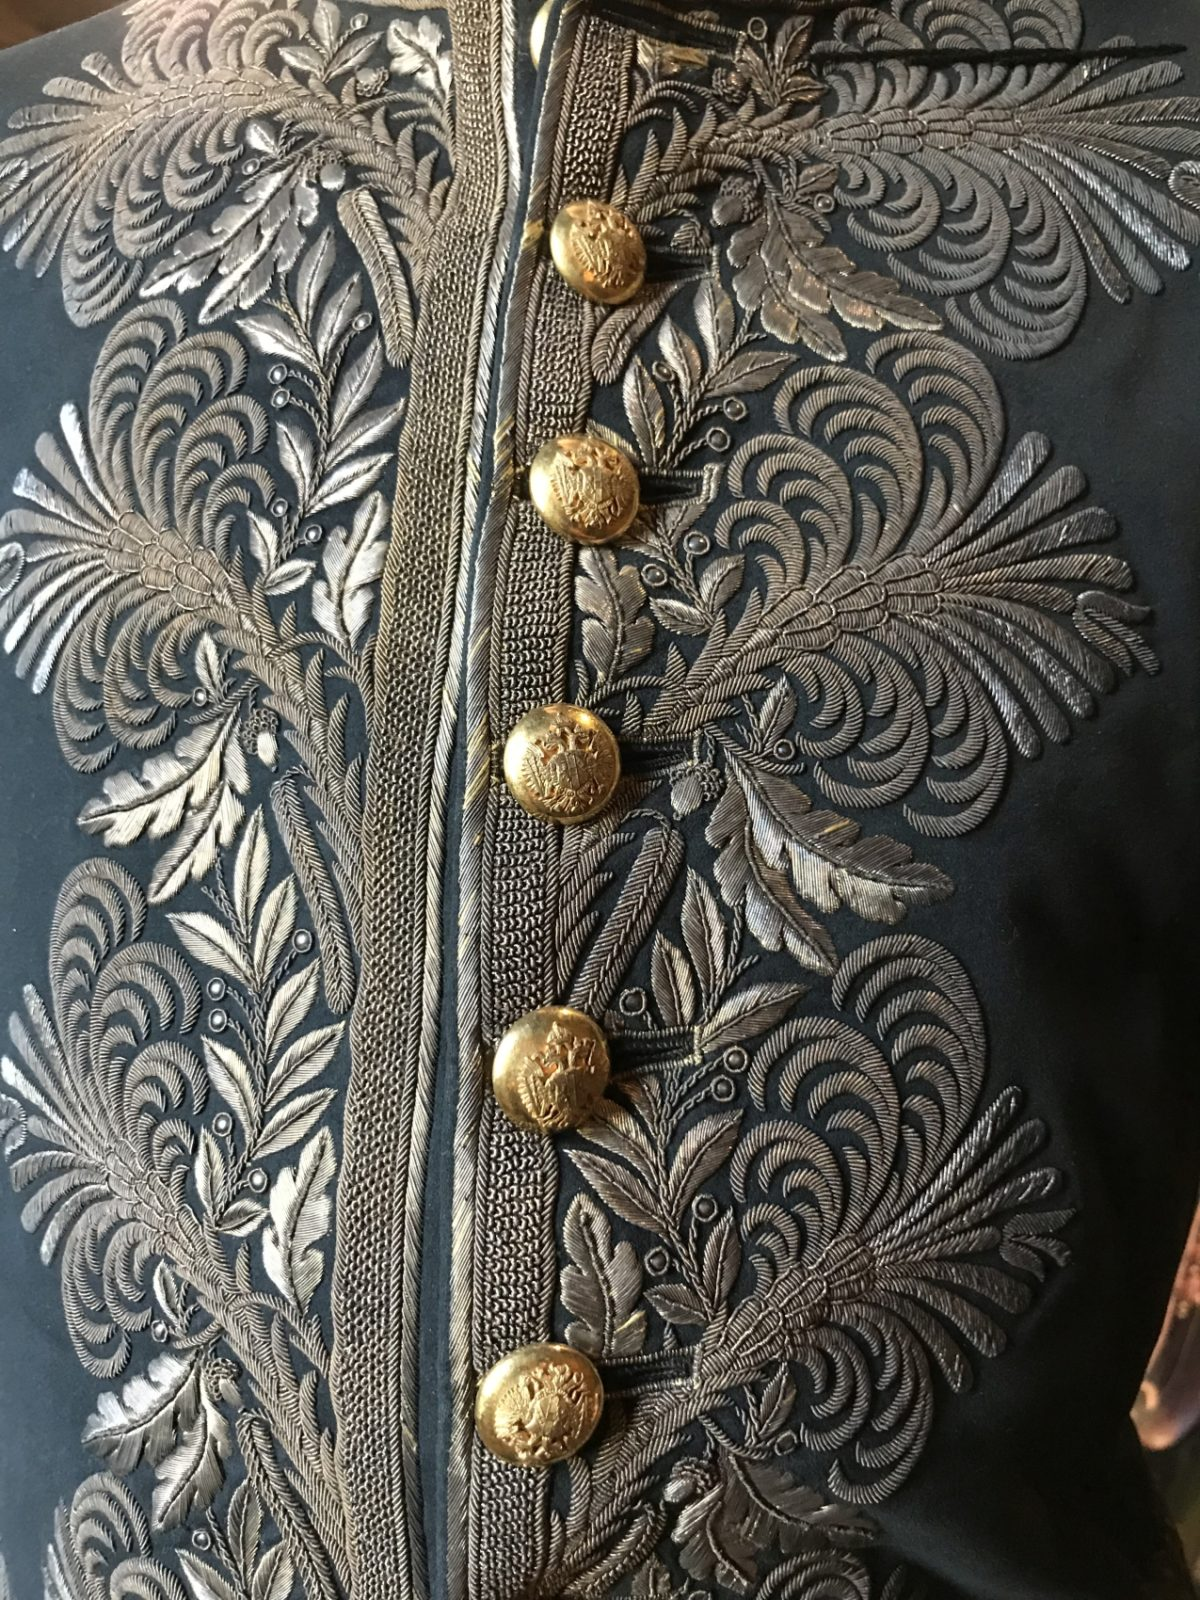 Gala-Uniform eines österreichischen Beamten aus dem 19. Jahrhundert